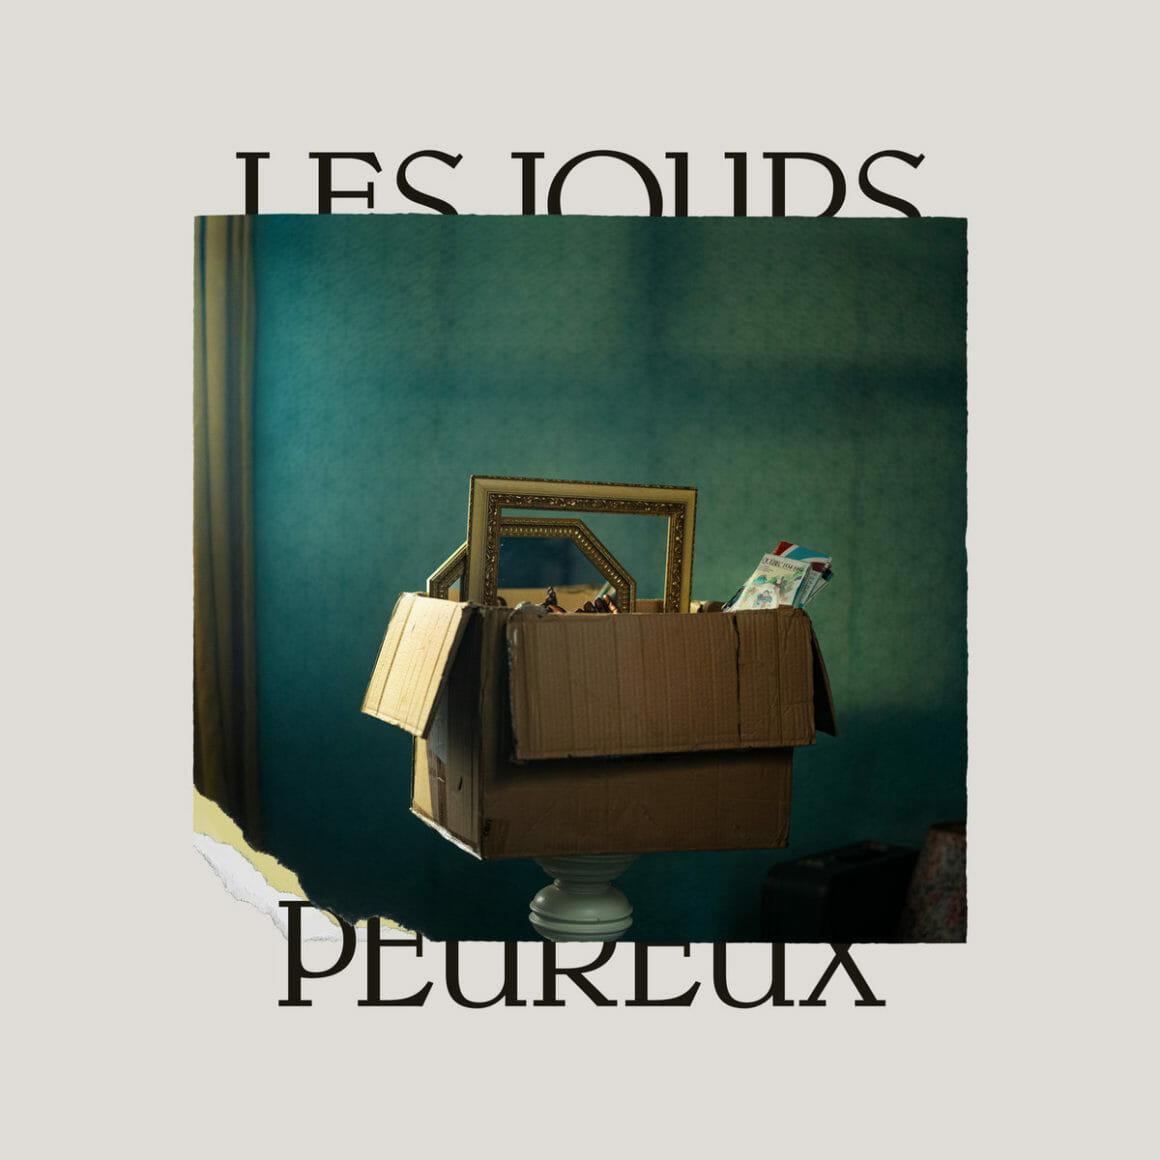 Couverture de l'album montrant un carton de déménagement débordant de souvenirs